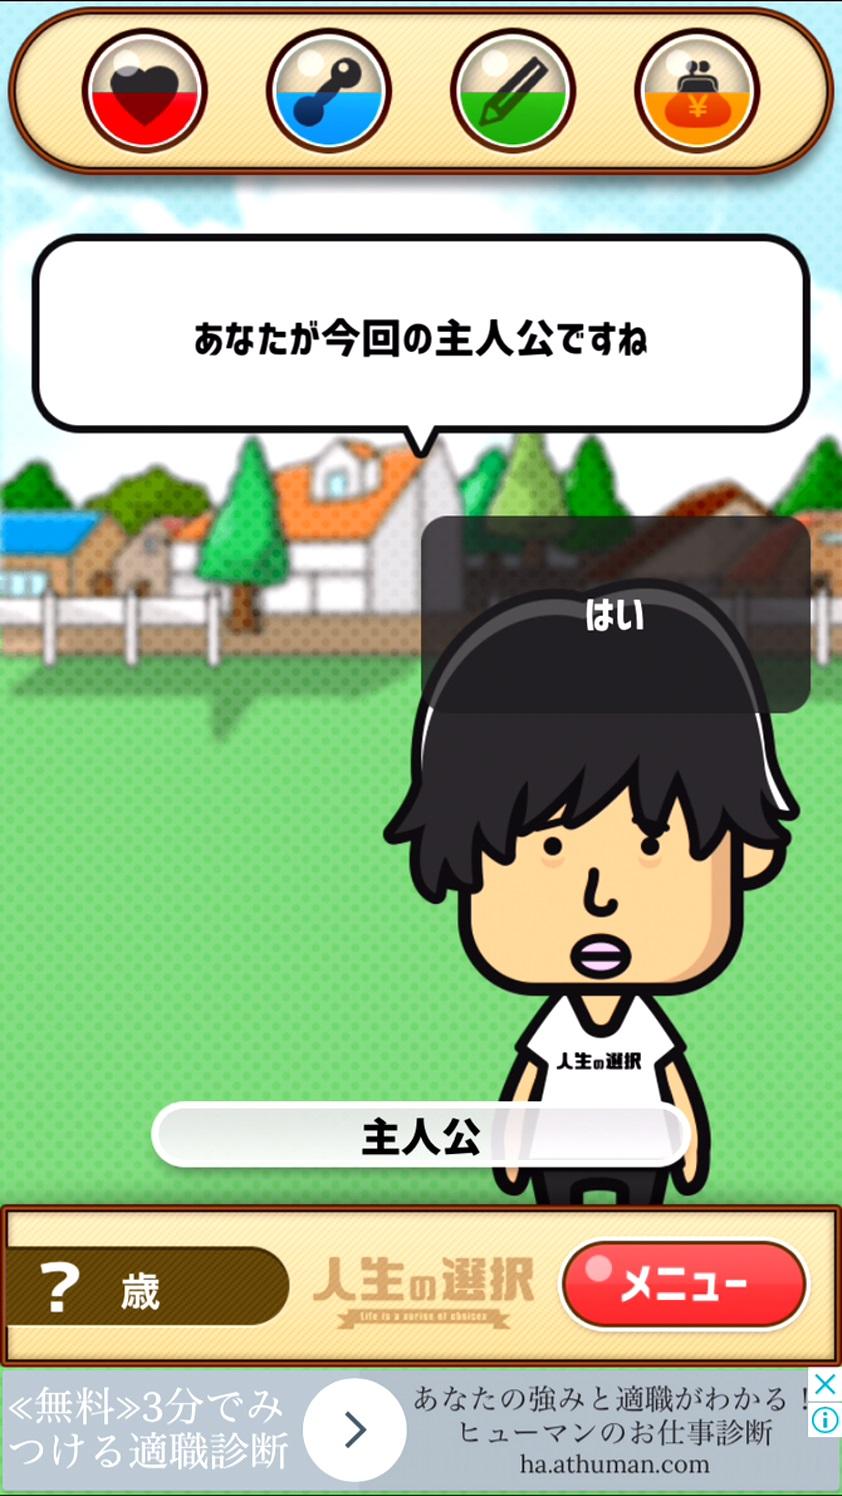 ライフカード-人生の選択- 探索型二択ゲーム androidアプリスクリーンショット1